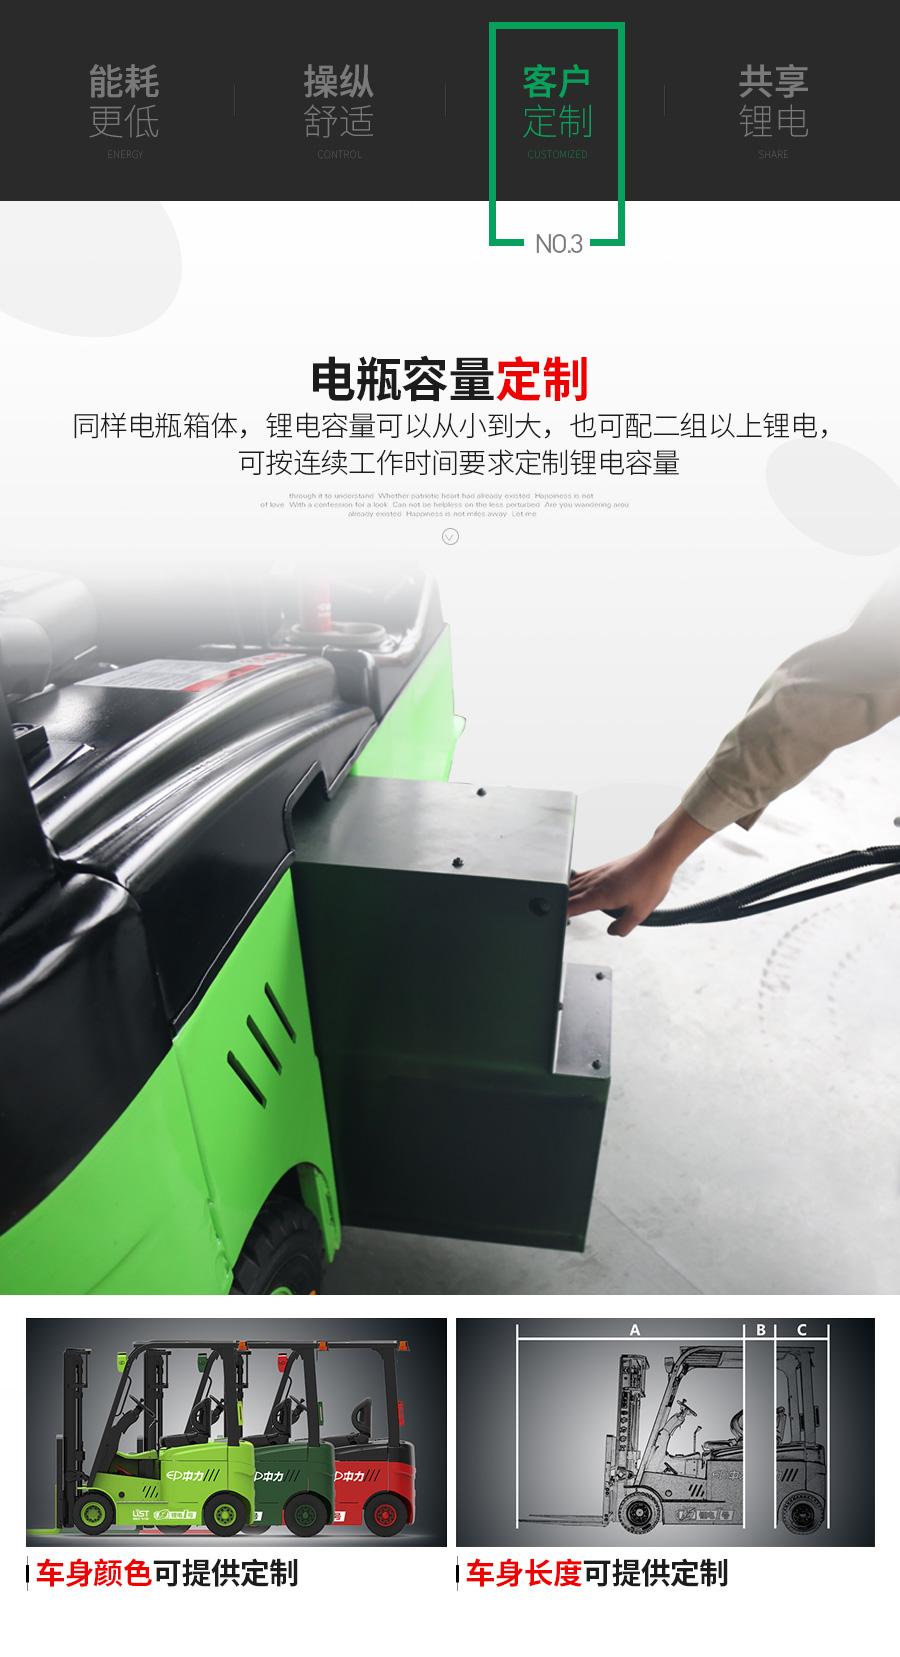 锂电池叉车